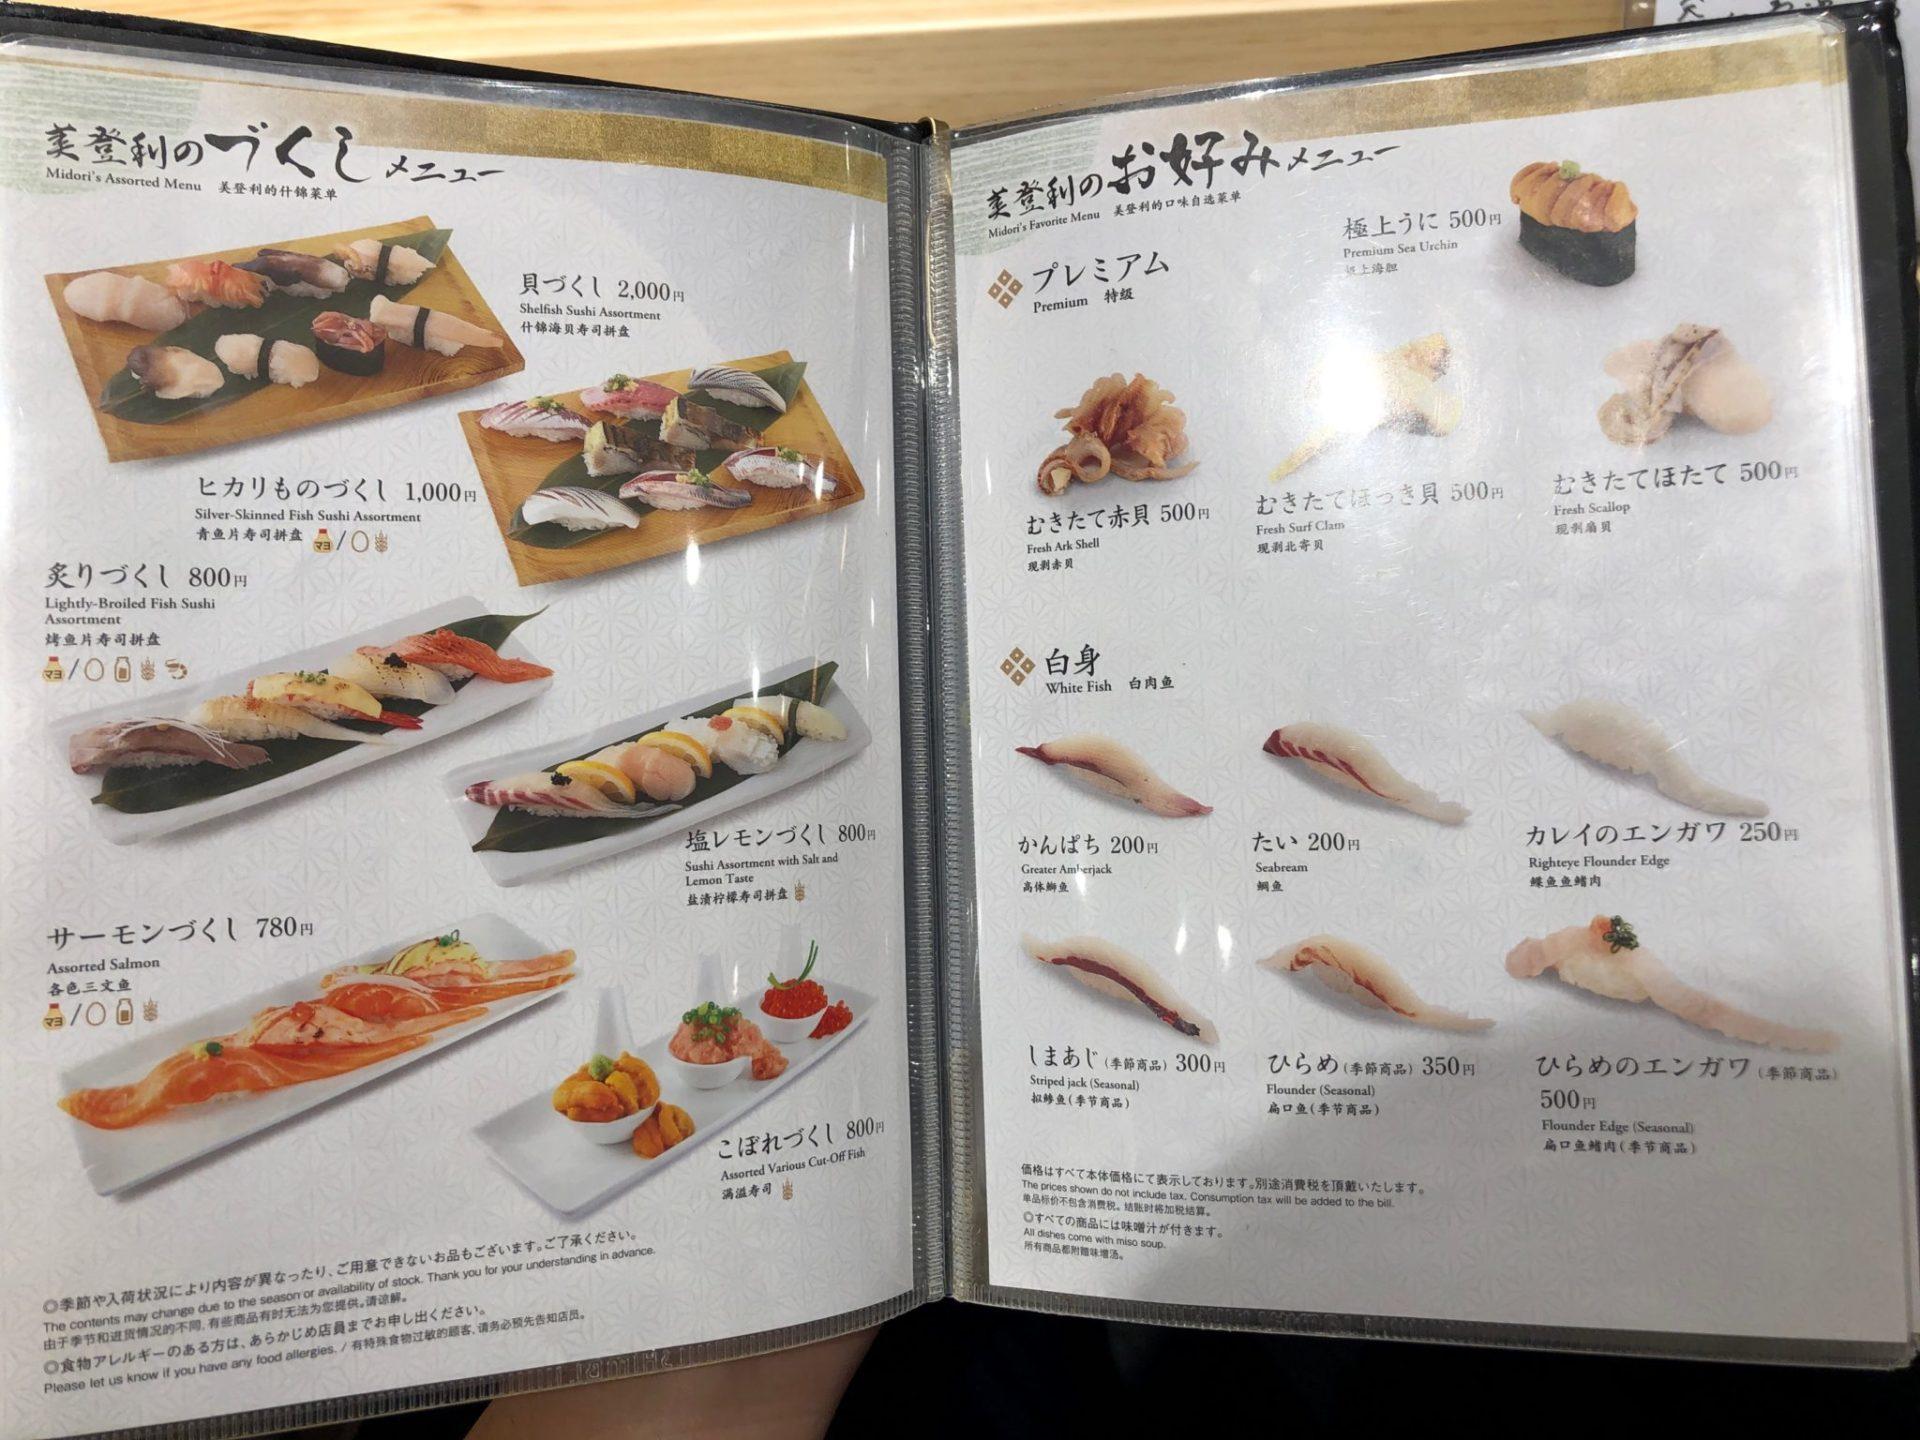 梅ヶ丘の美登利寿司のセットメニュー